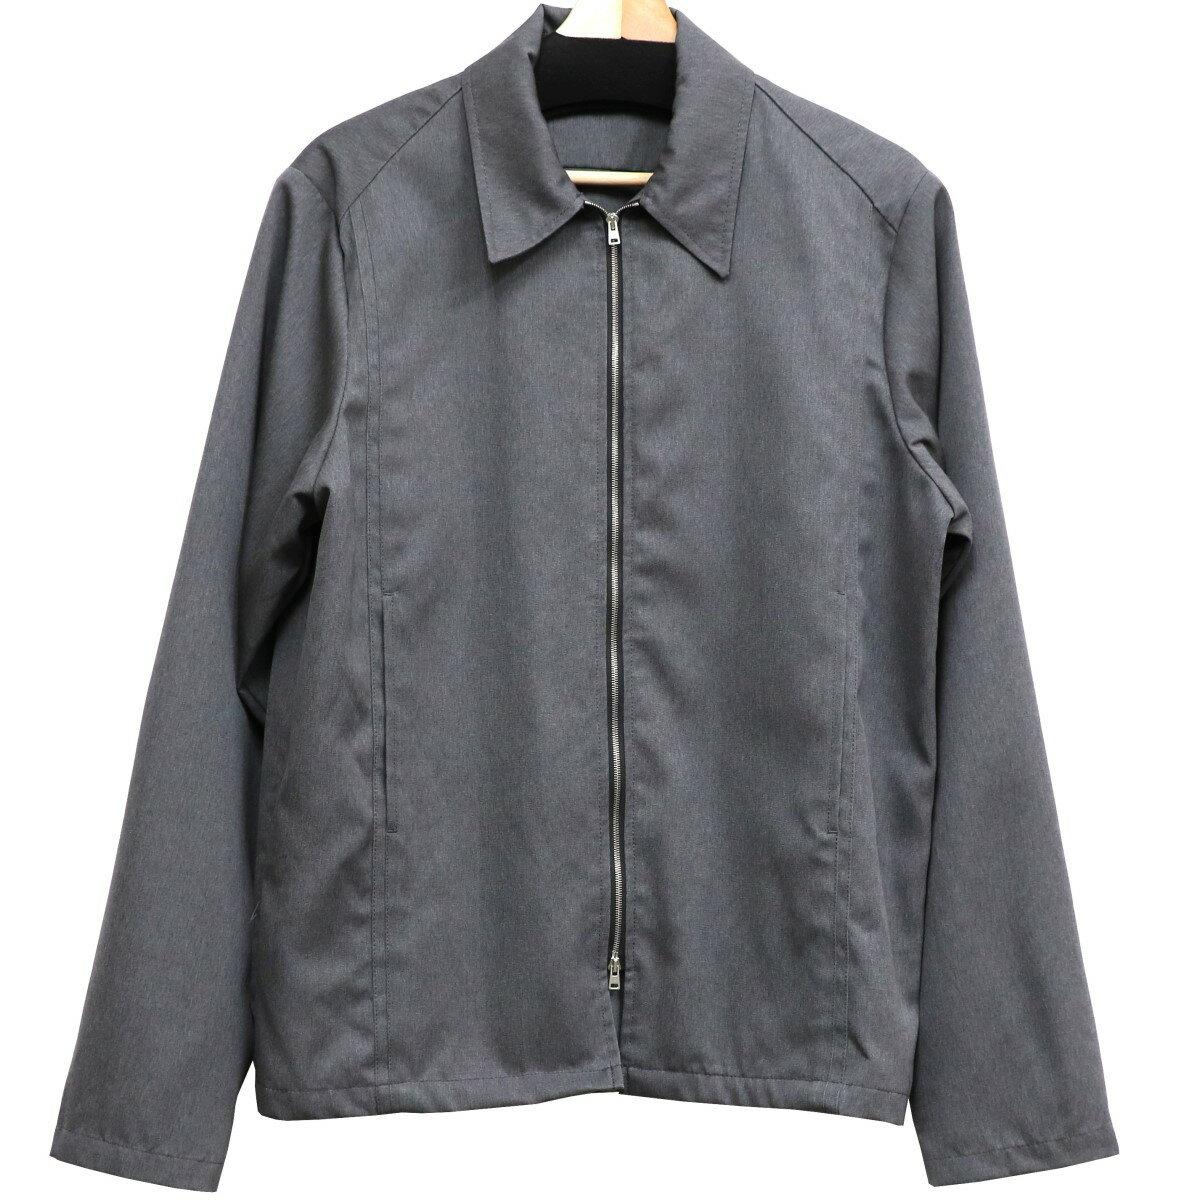 メンズファッション, コート・ジャケット MACKINTOSH0002(Kiko Kostadinov) 18SS M 0402200002()